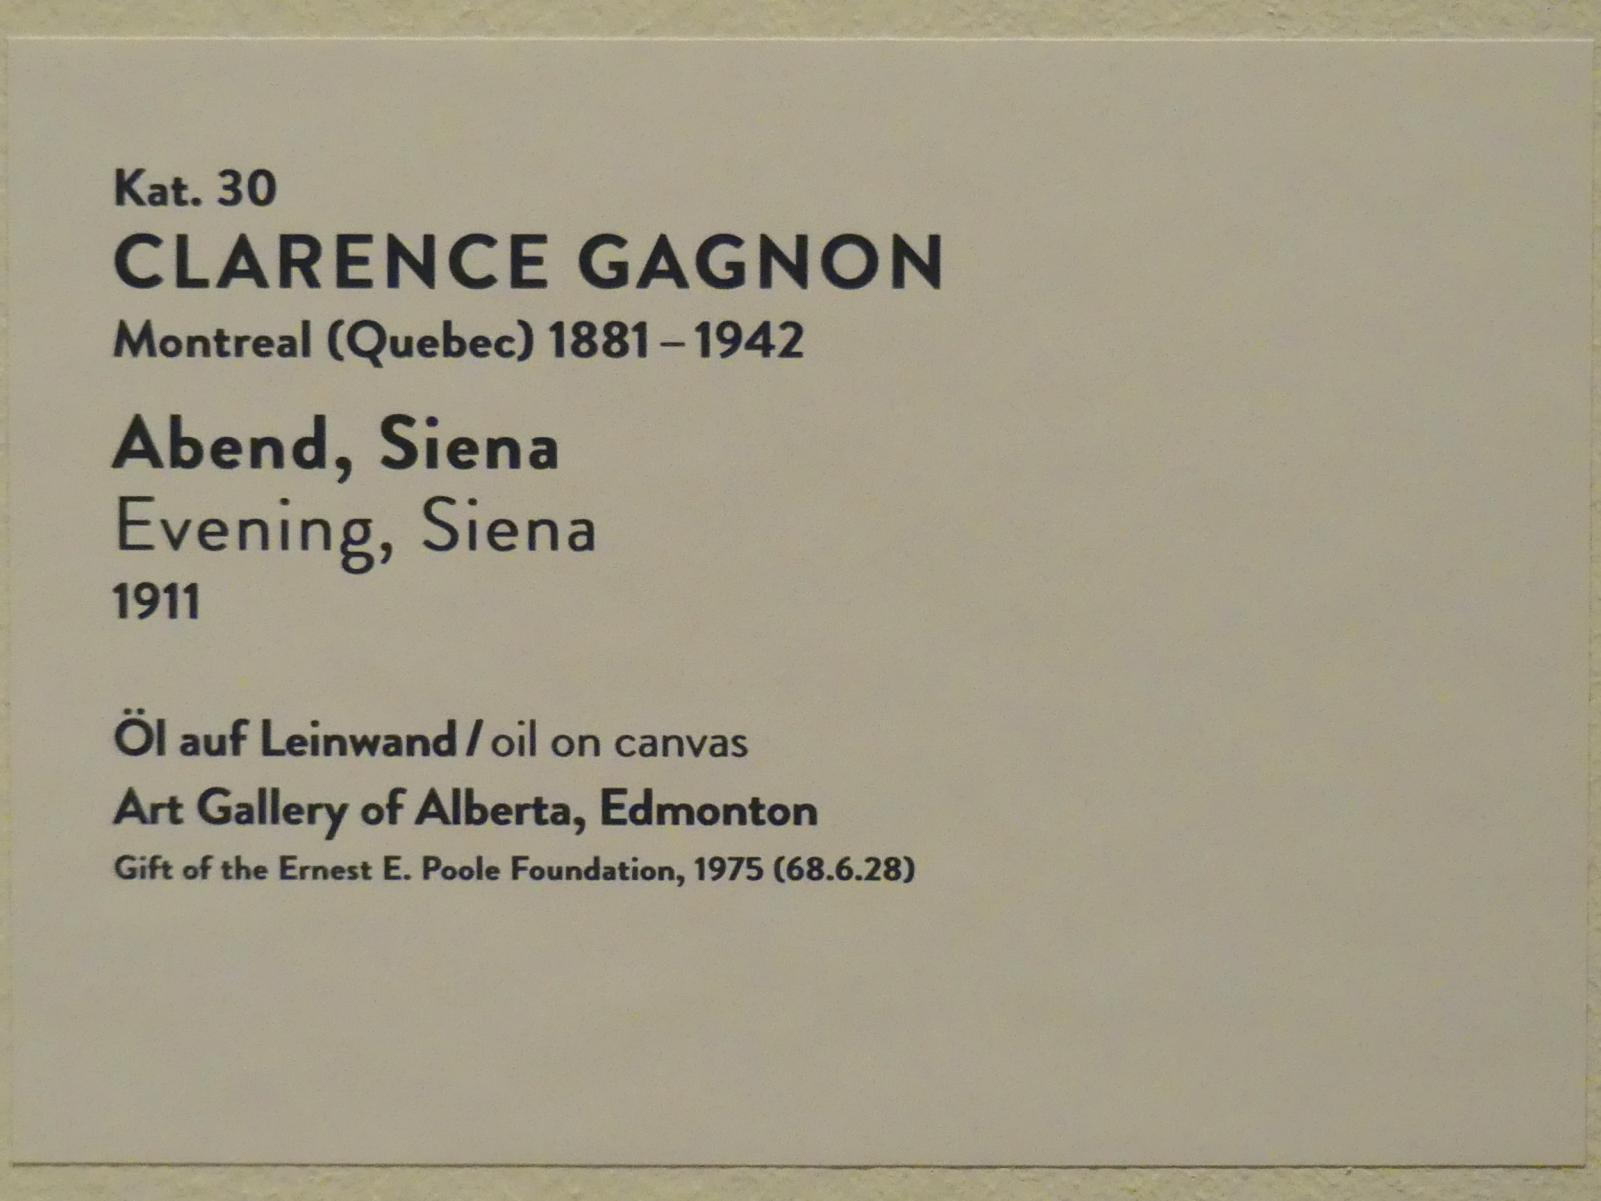 Clarence Gagnon: Abend, Siena, 1911